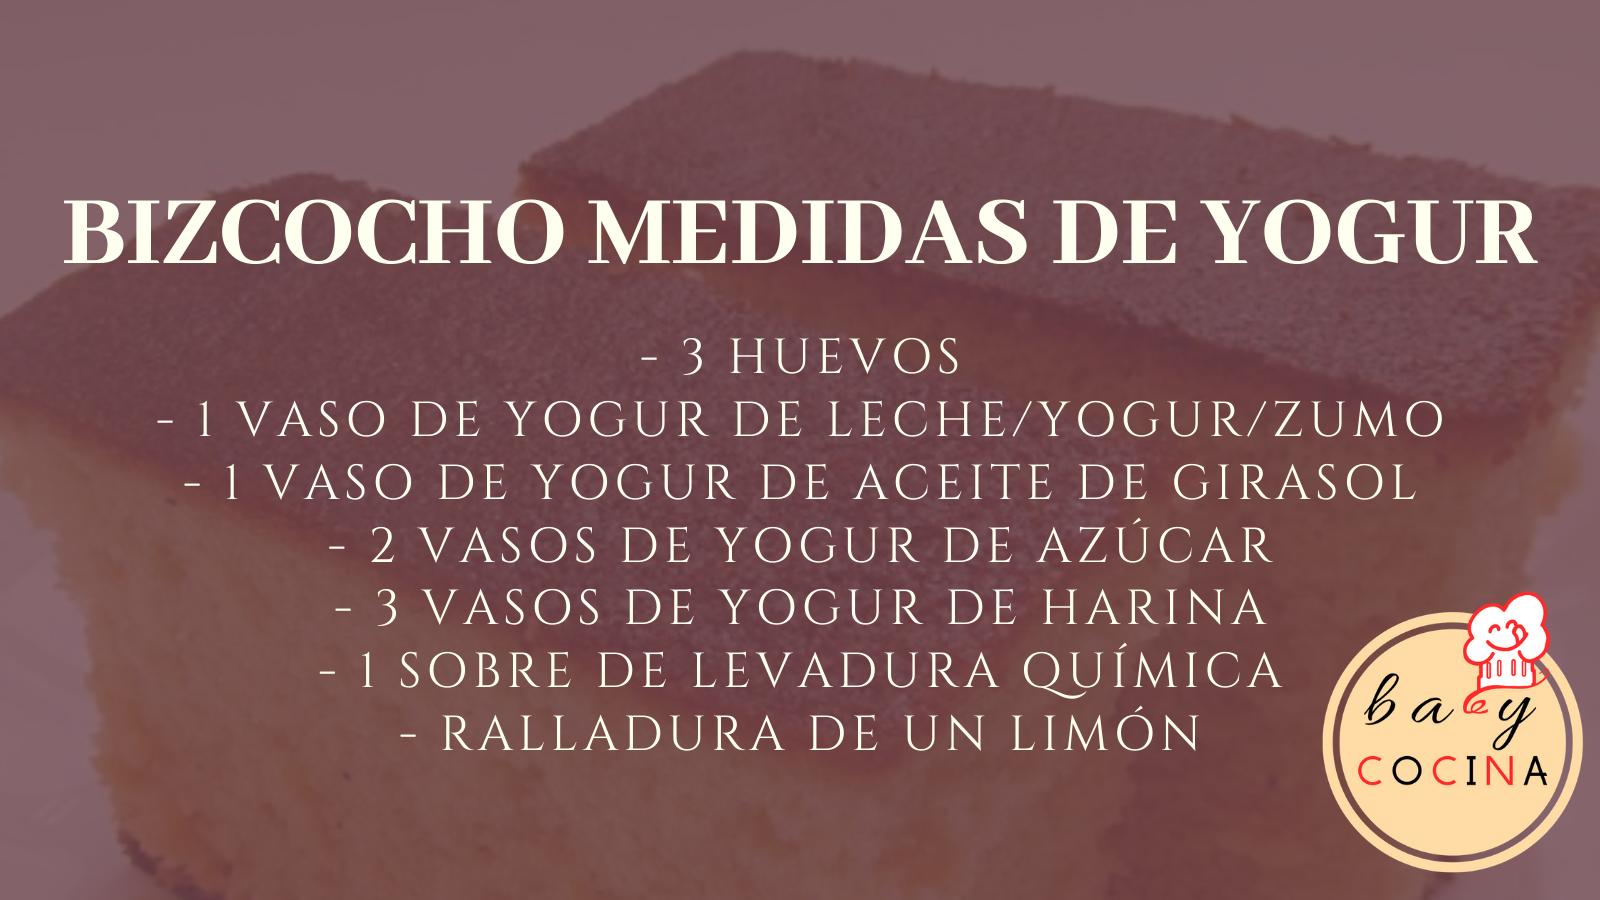 BIZCOCHO MEDIDAS YOGUR